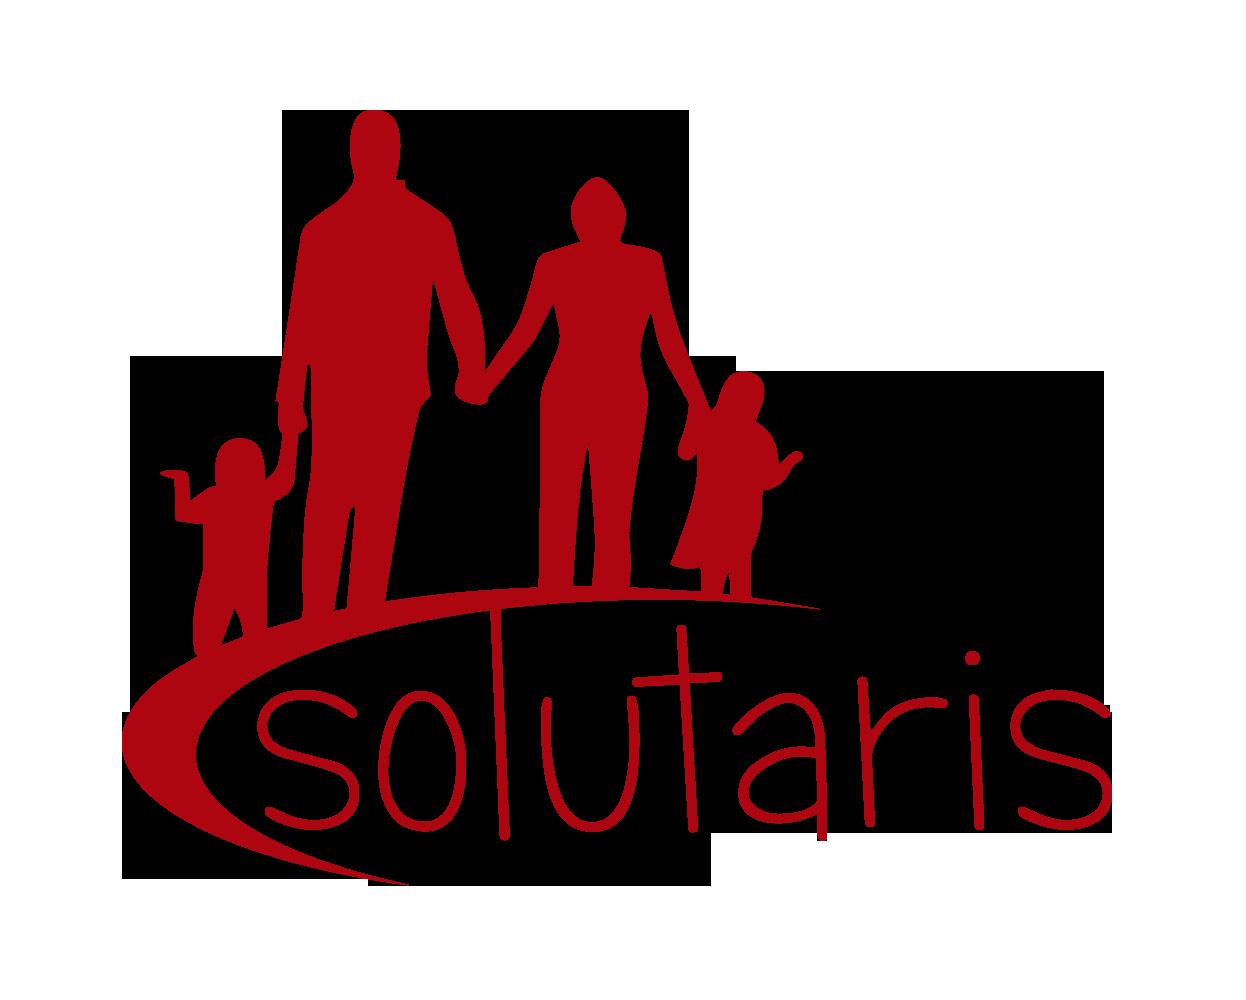 Solutaris